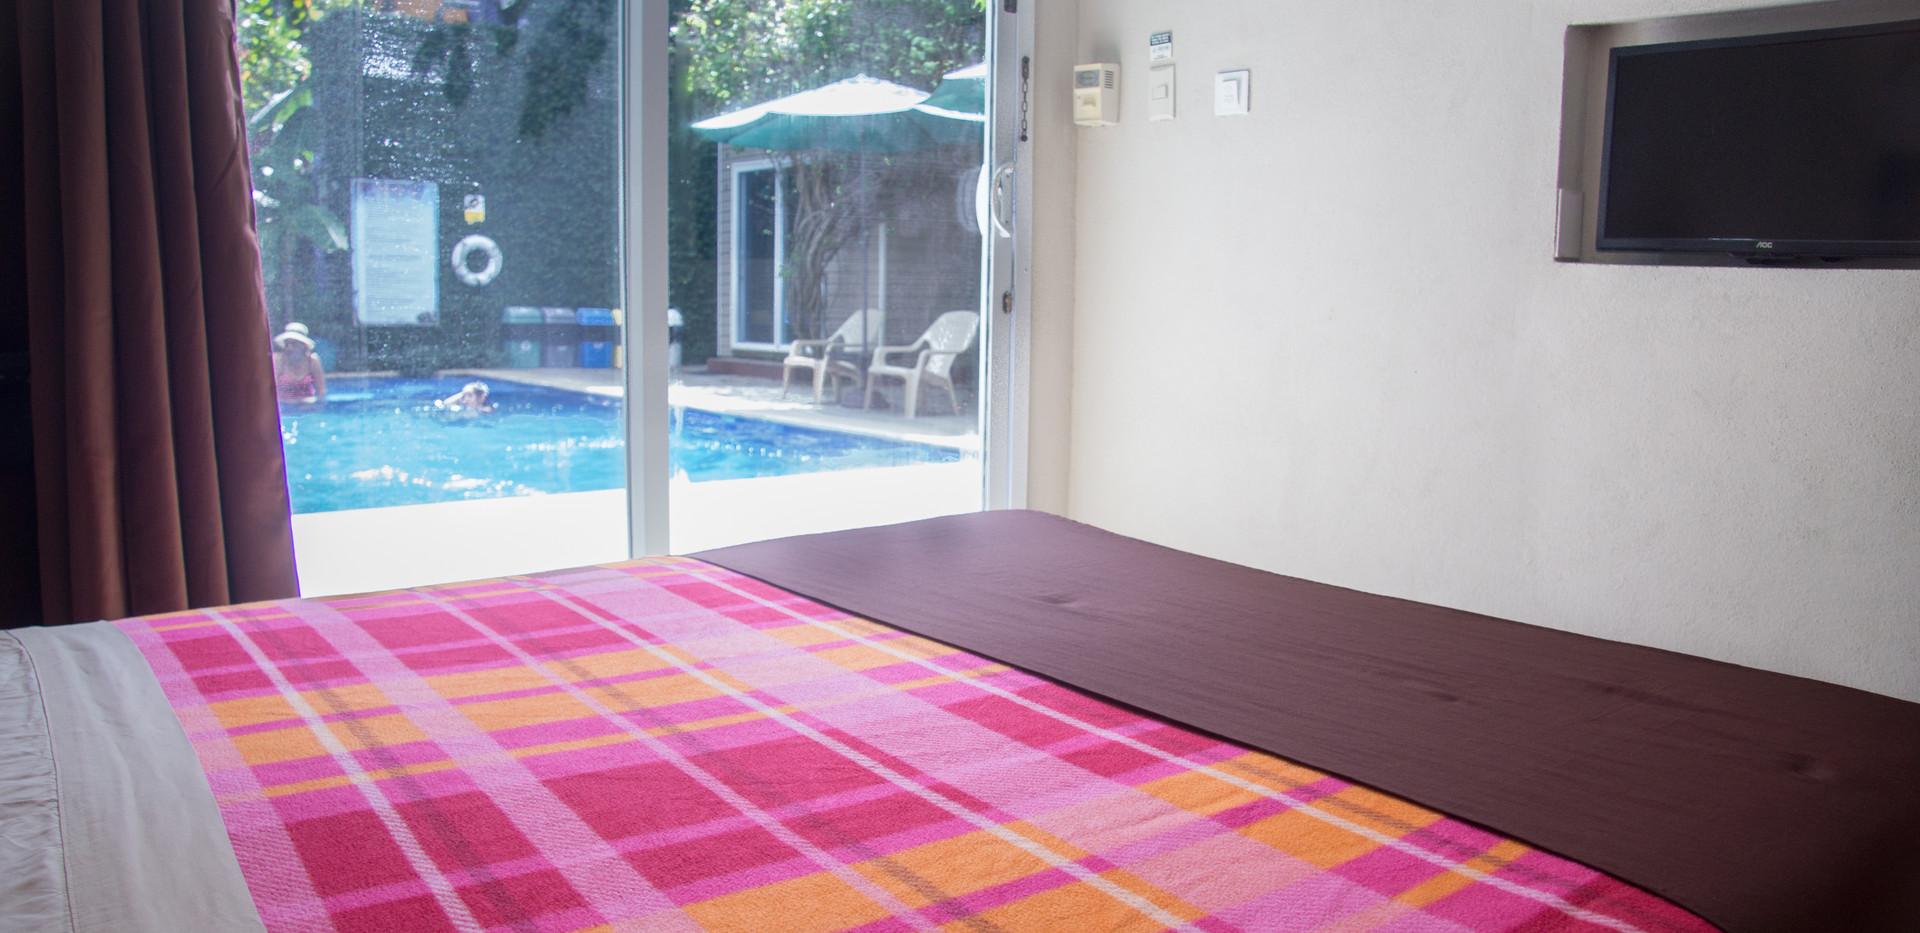 Habitación básica área de piscina